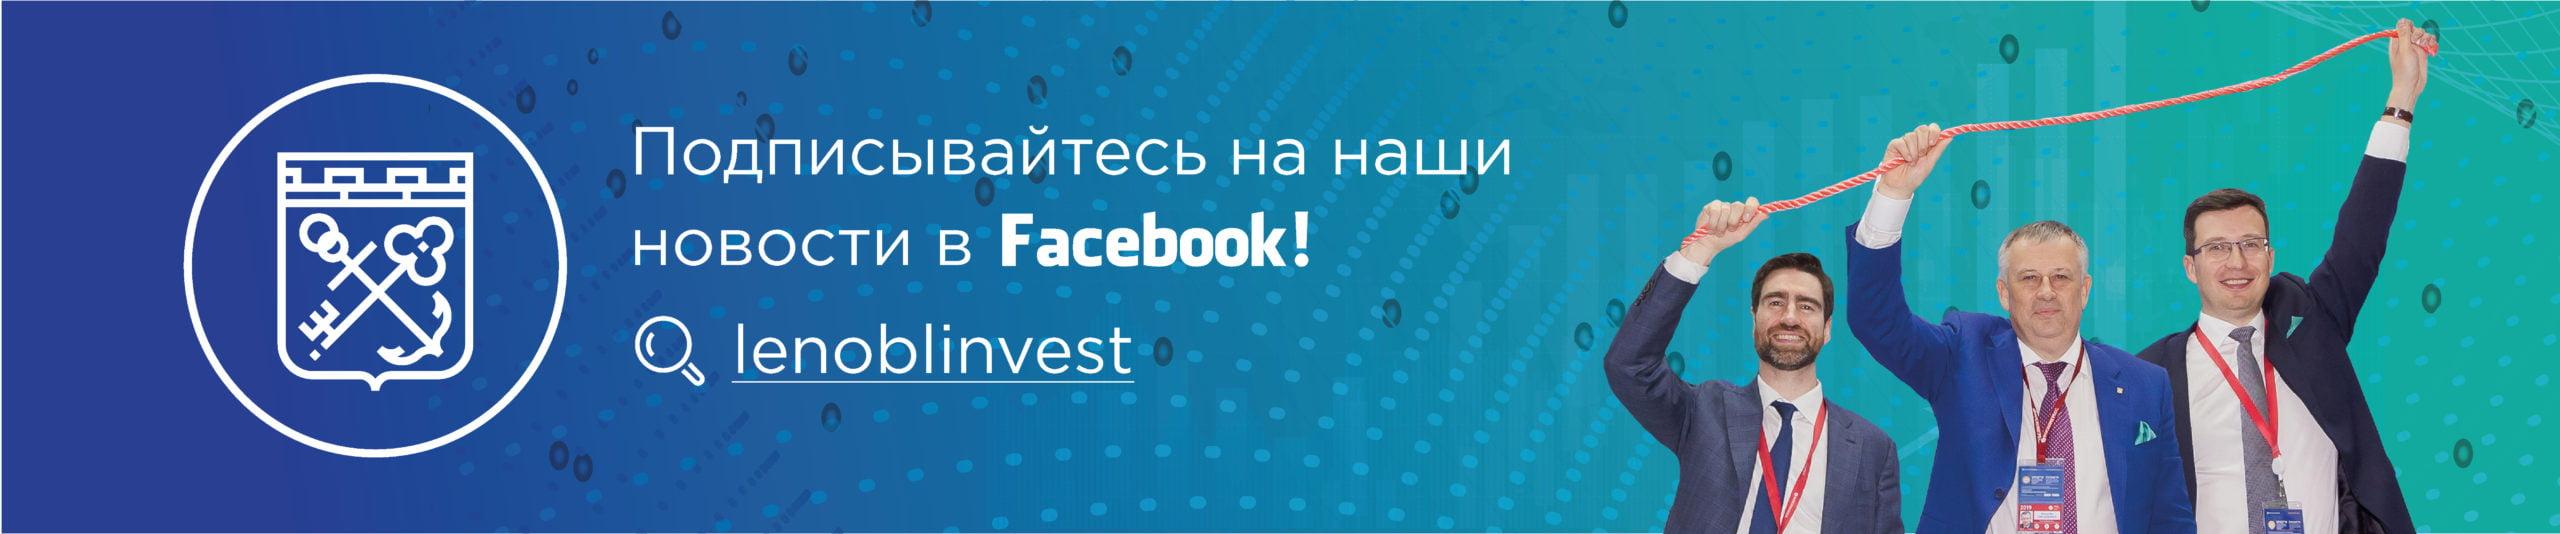 Подписывайтесь на facebook RU